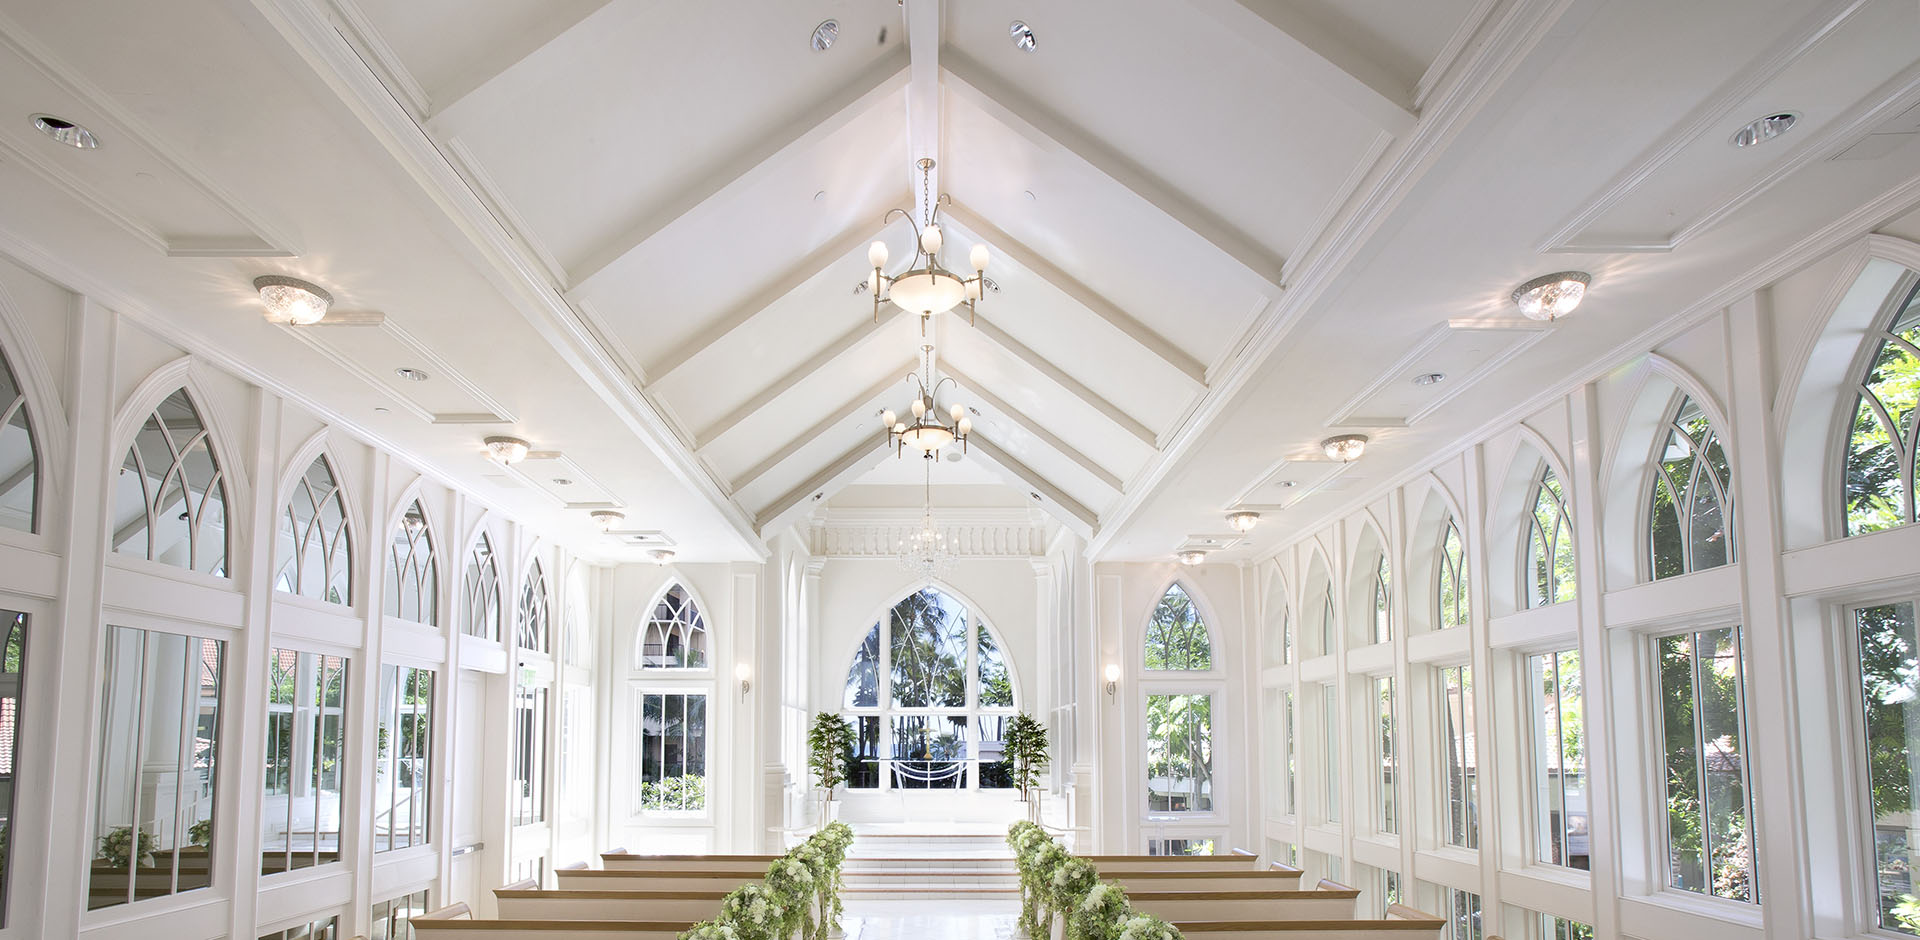 The Akala Chapel